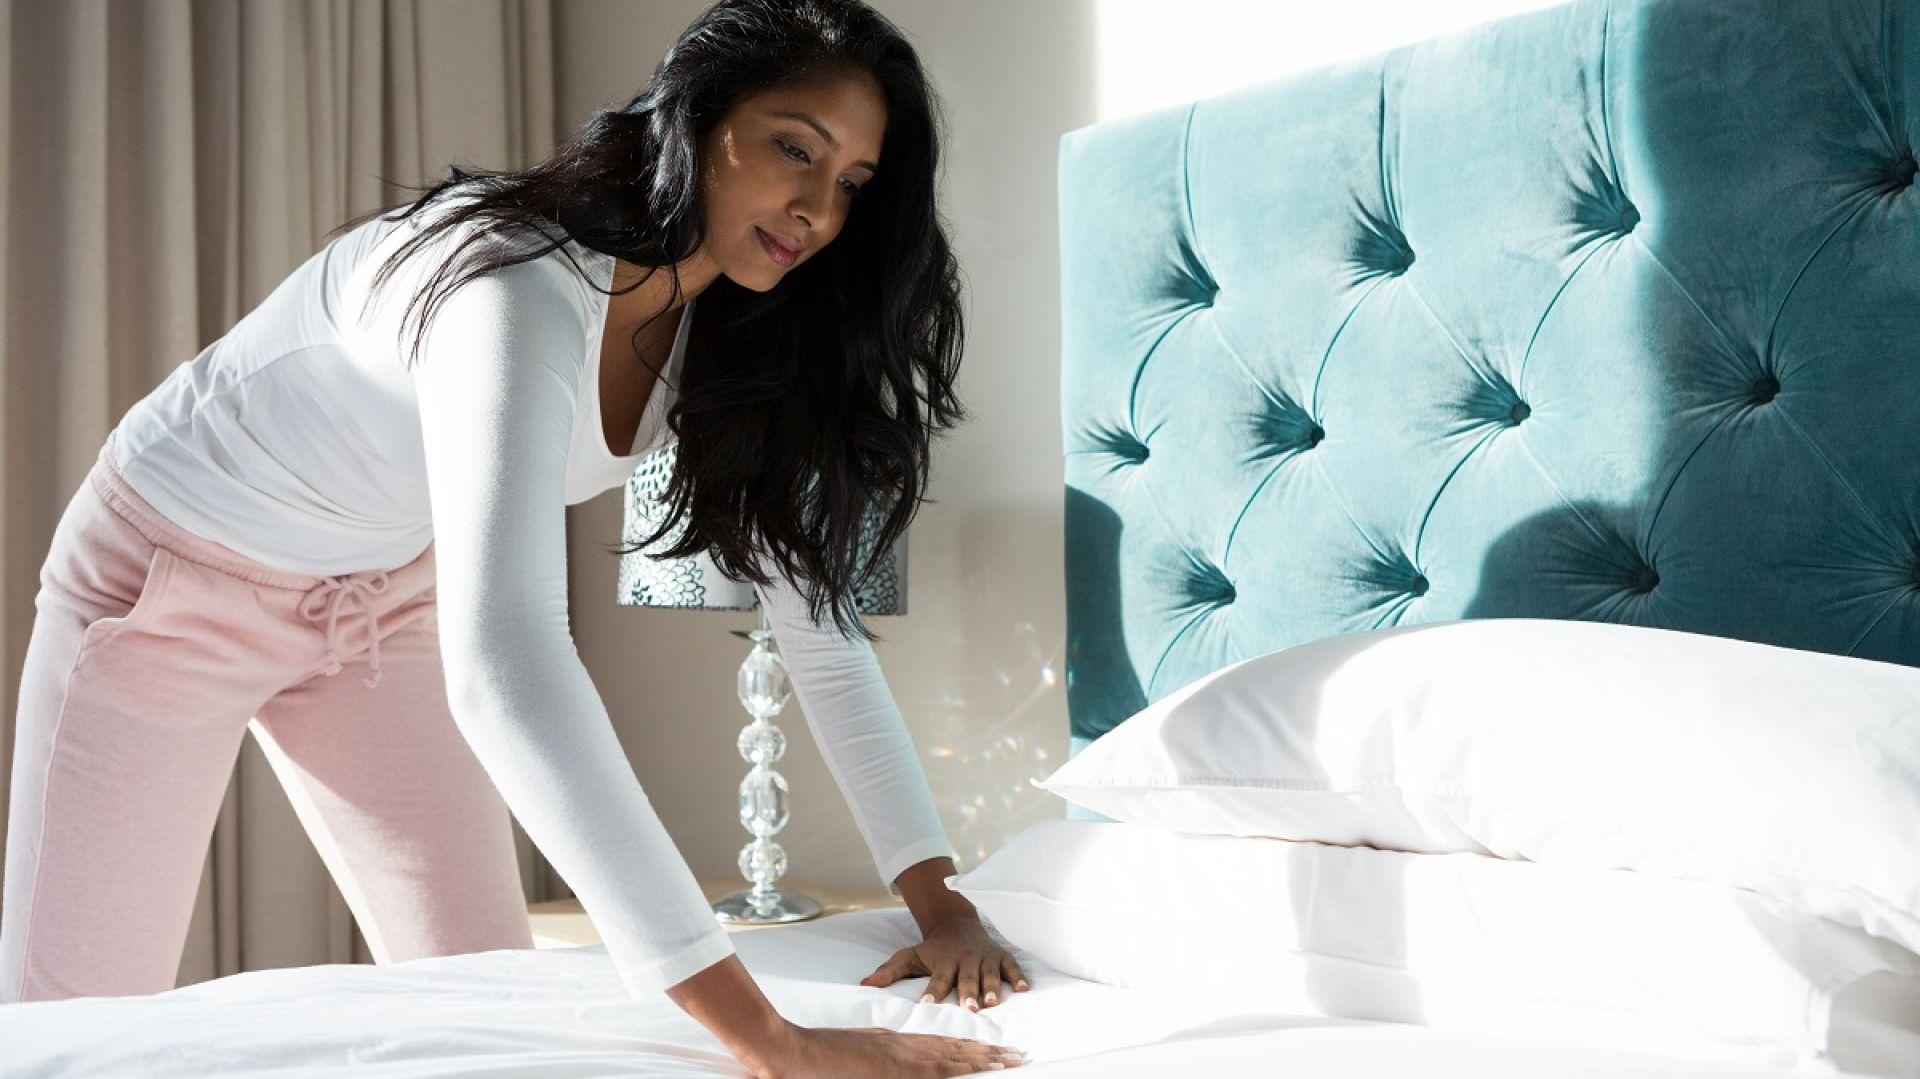 łóżka kontynentalne to meble, które świetnie sprawdzą się przede wszystkim w klasycznych aranżacjach. Fot. 123rf